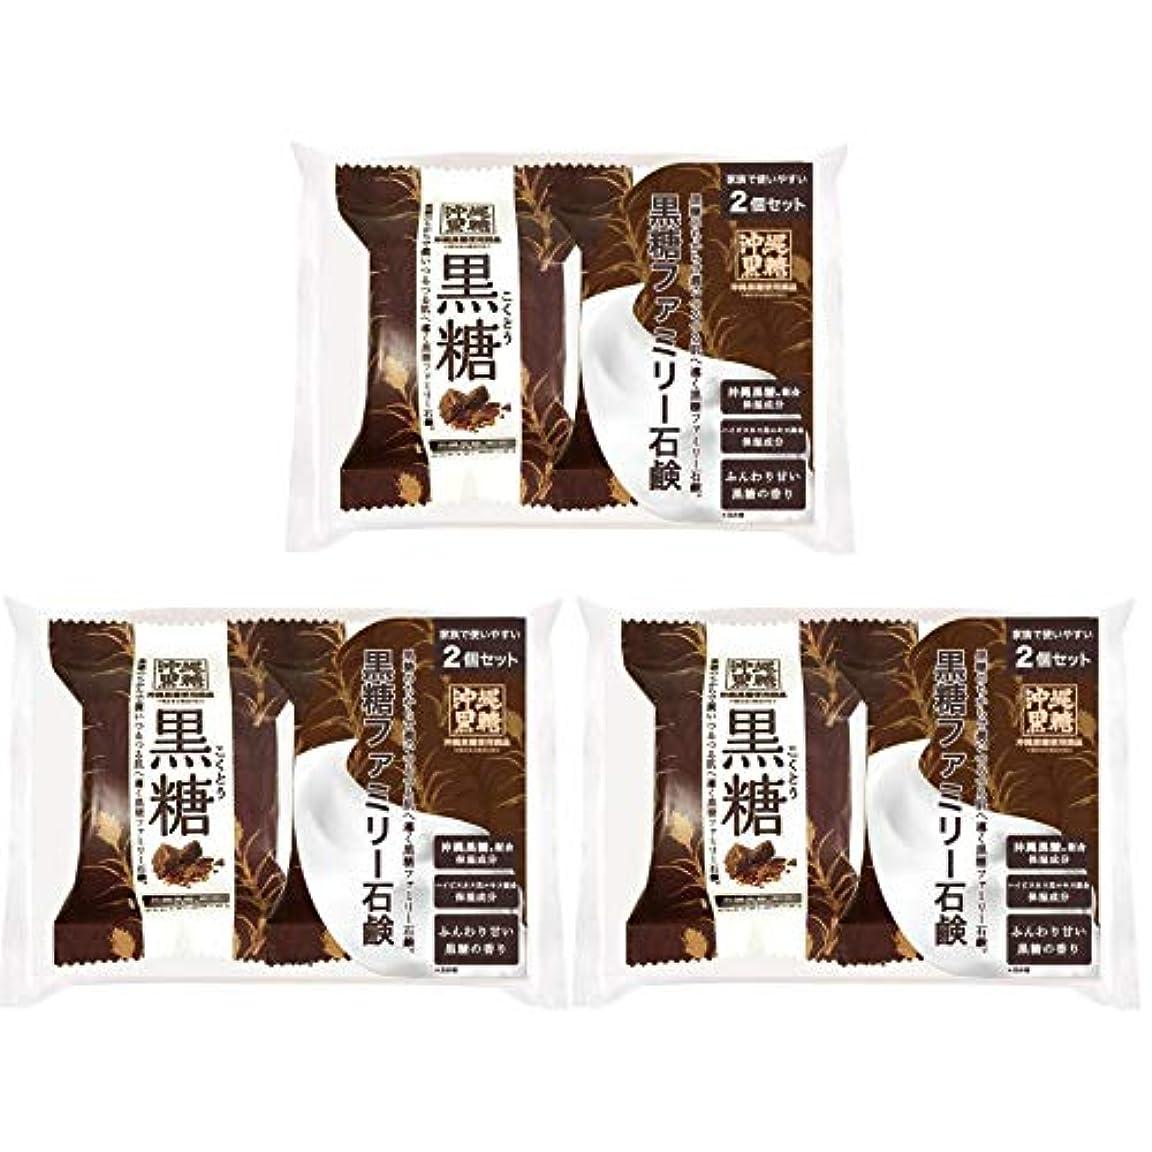 【3個セット】ペリカン石鹸 ファミリー黒糖石鹸 80g×2個